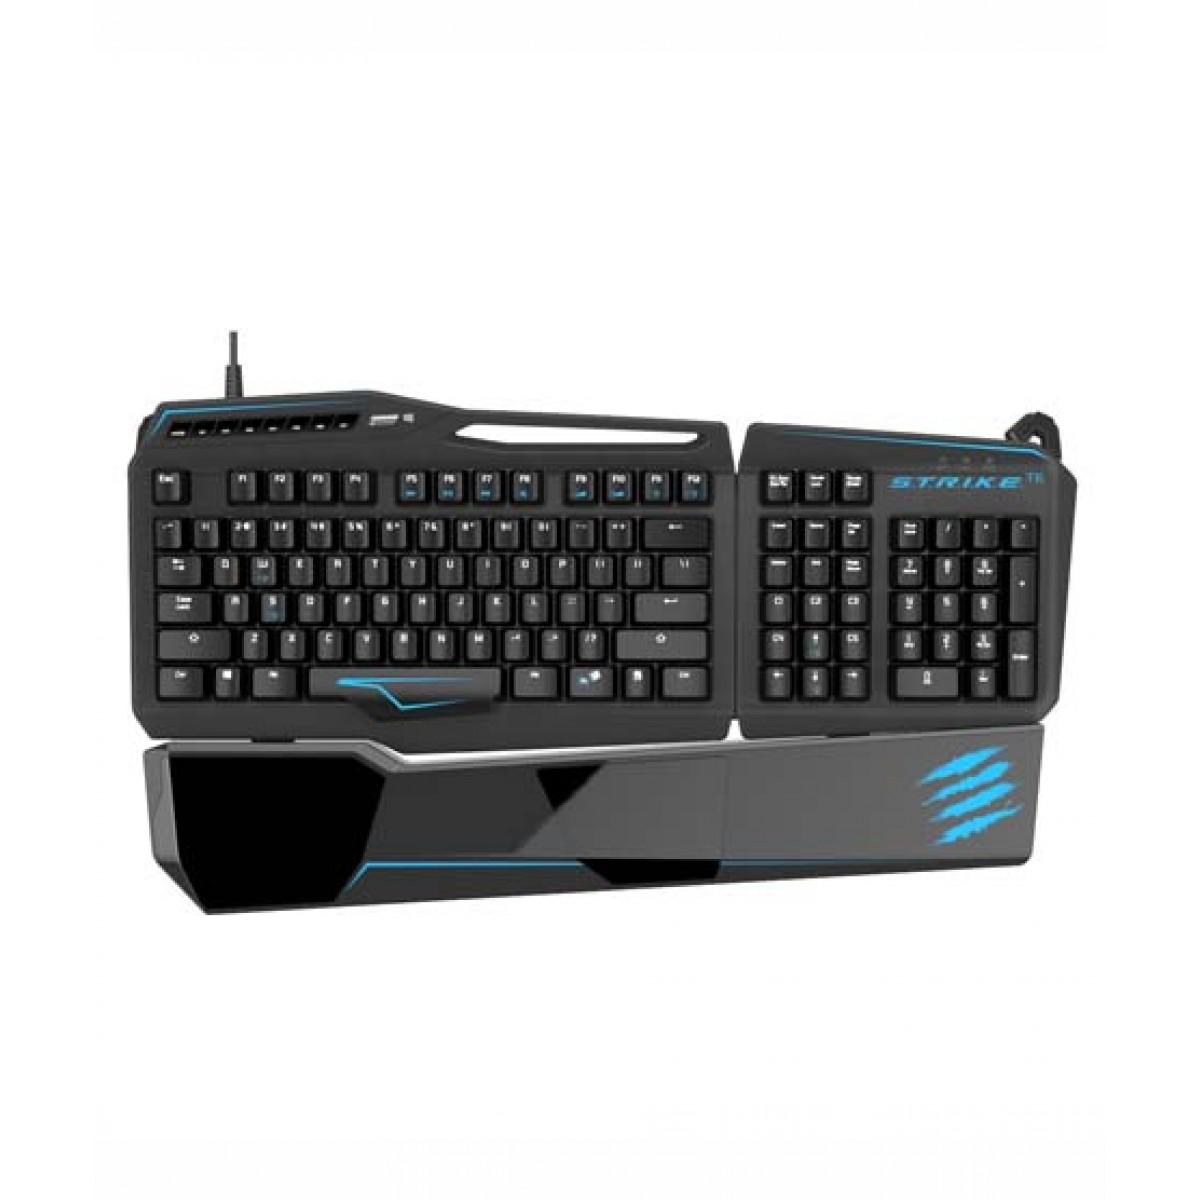 TE Gaming Keyboard for PC Matte Black  PC